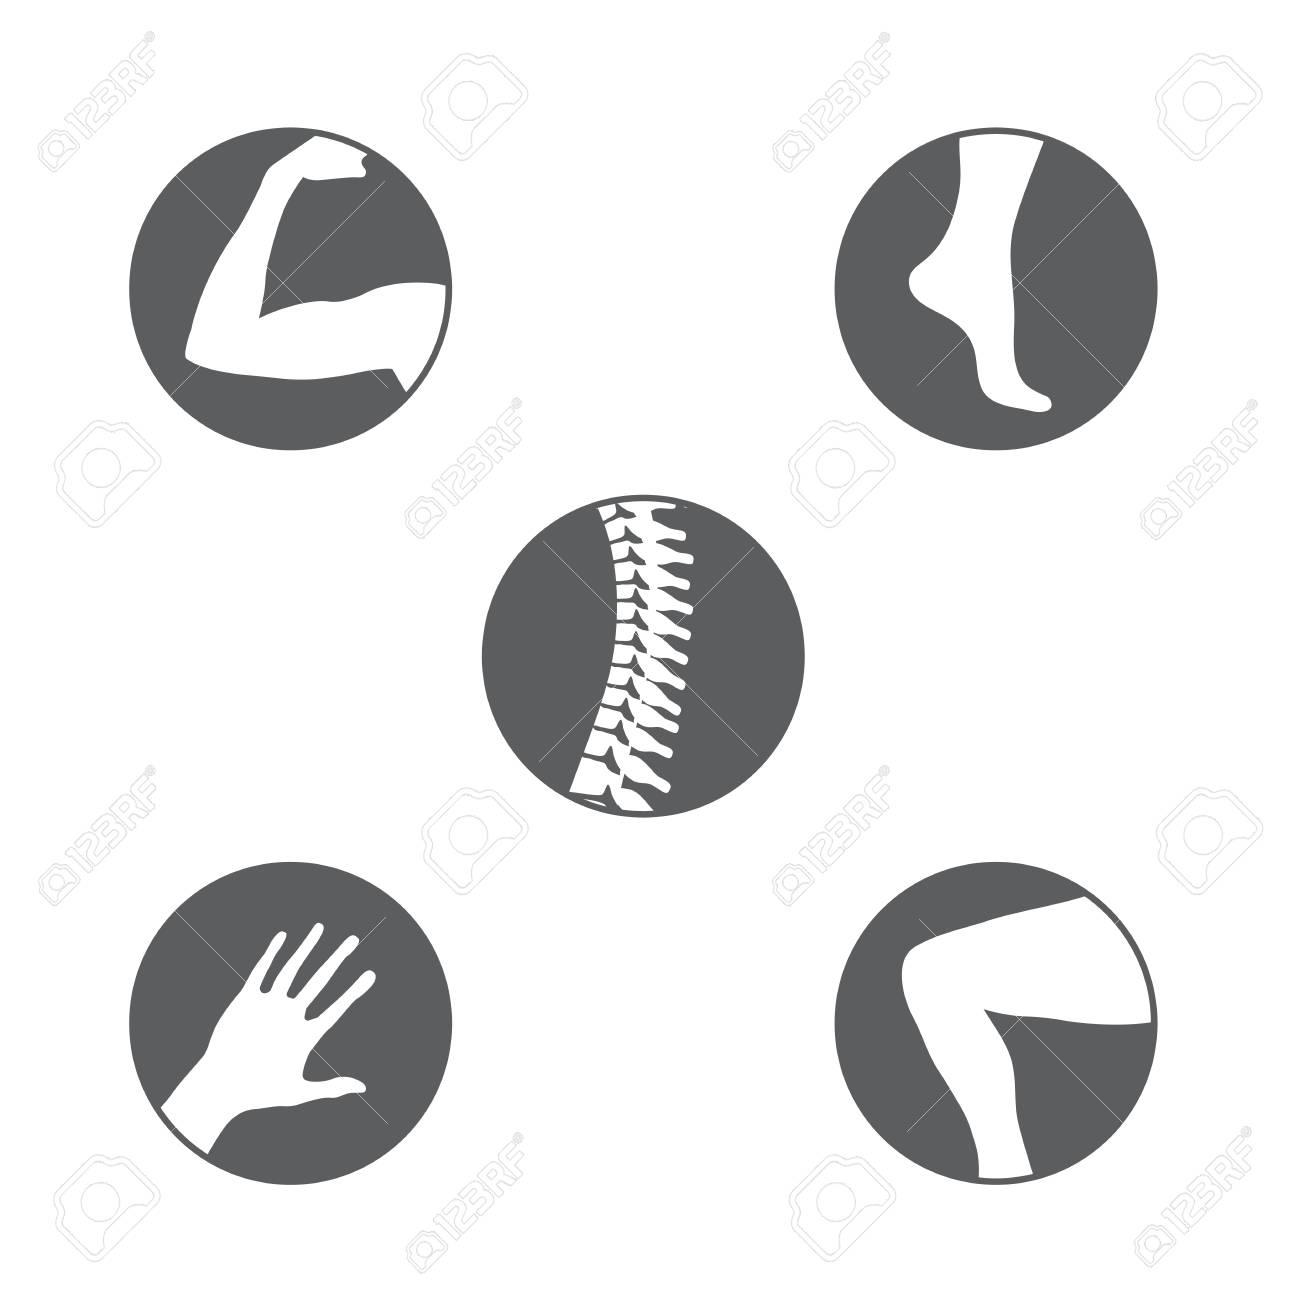 Set of orthopedics icons. - 94716719